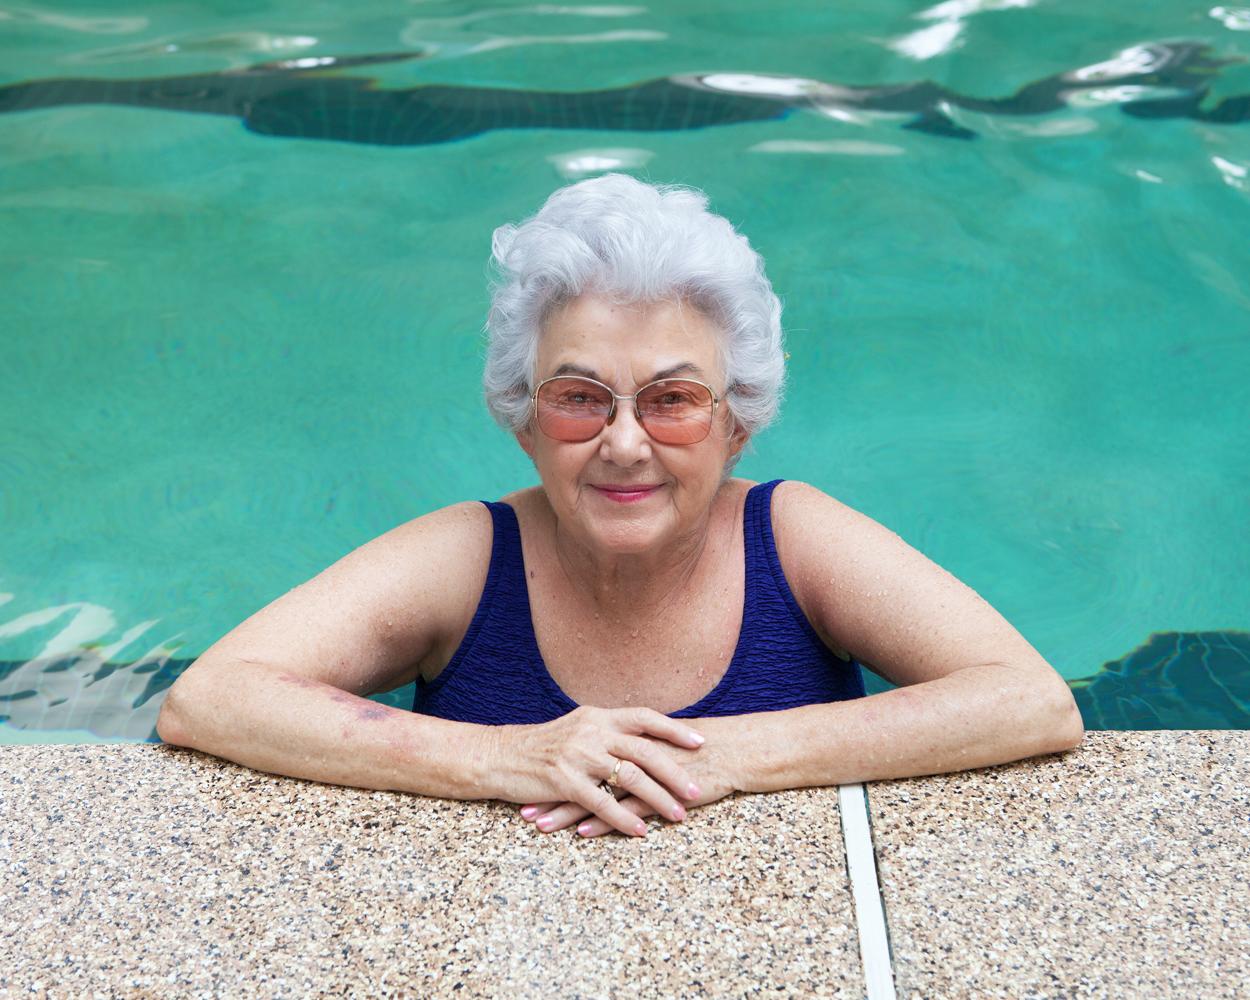 Benita Mc Ginn (81 ans) à la piscine du Beardsley recreation center, Sun City West Originaire du Missouri, Benita est arrivée à Sun City West en 1995. Entre parties de golf et sessions de marche en piscine, elle vit paisiblement ses vieux jours heureux.